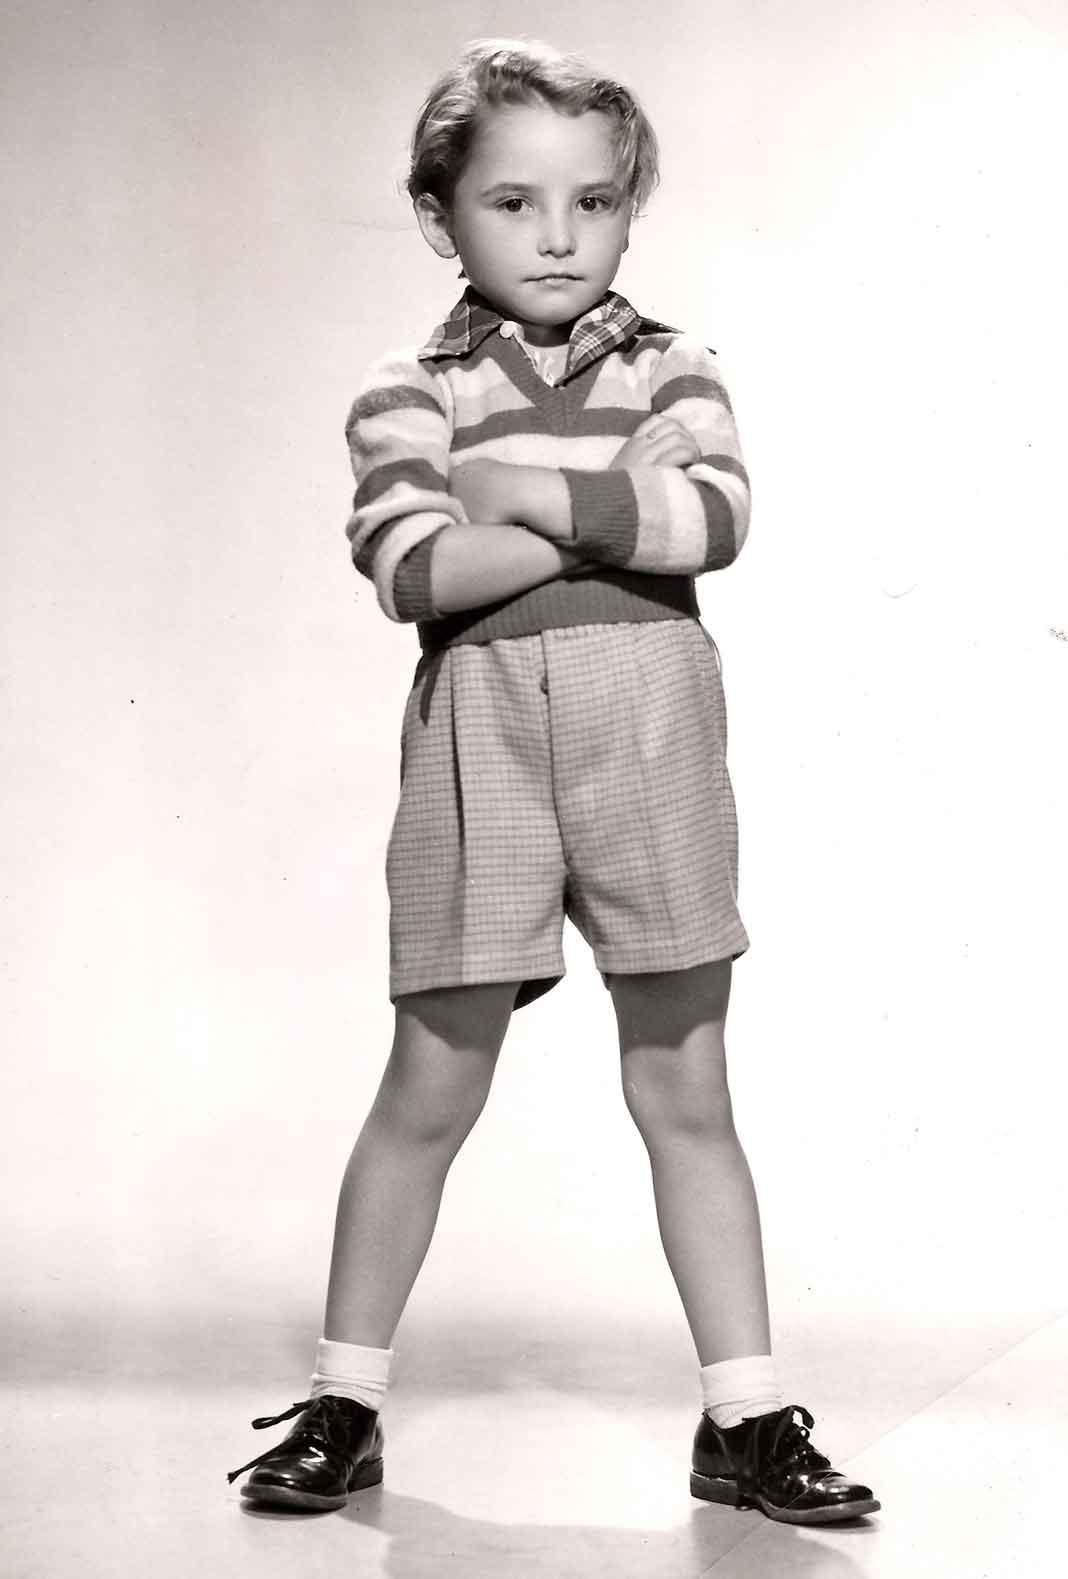 En 1950 consiguió actuar en una película haciendo el papel de un niño